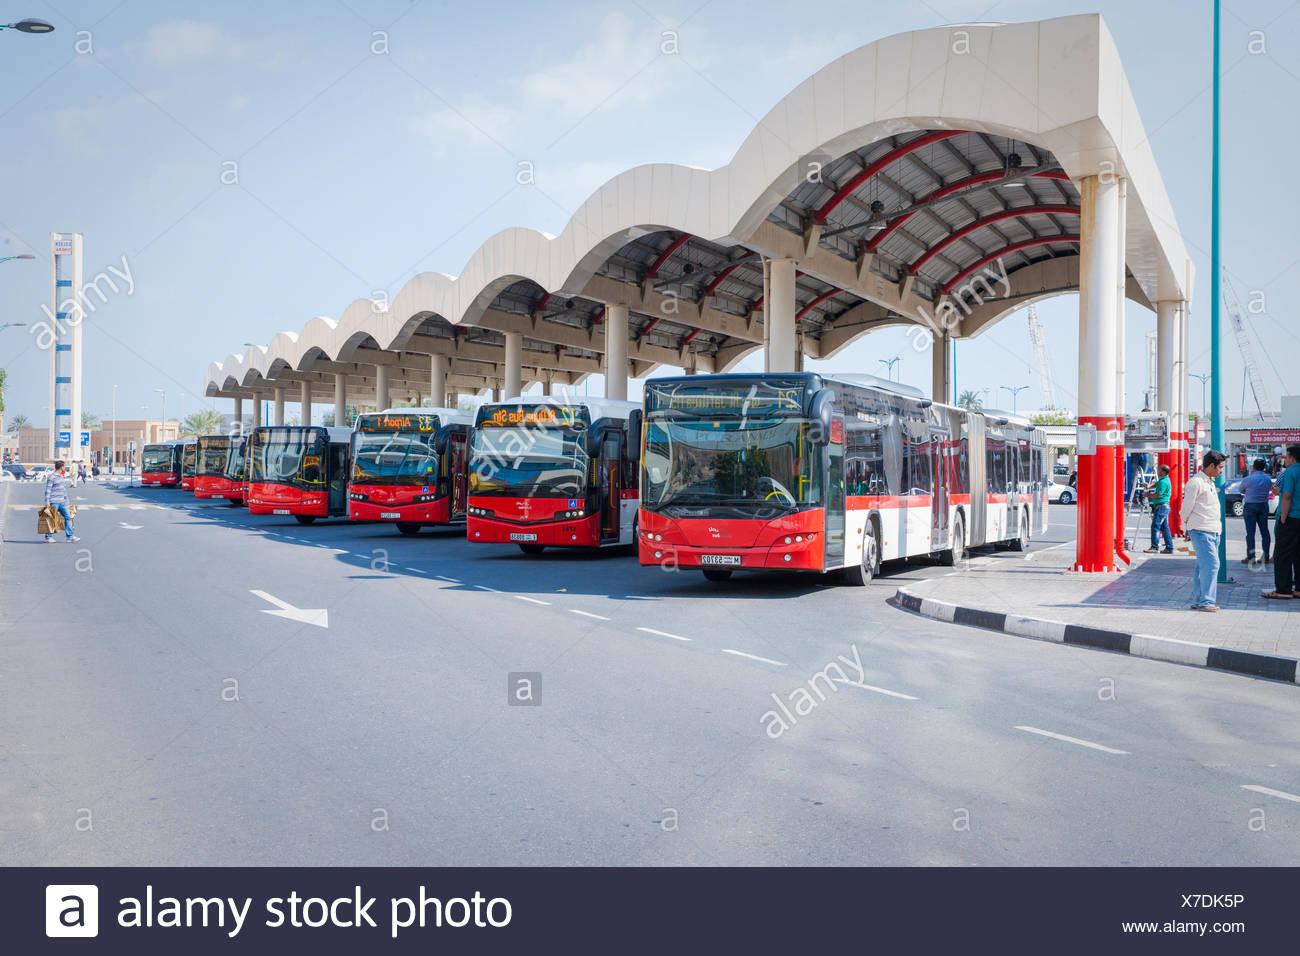 Al Ghubaiba Bus Stand Dubai Stock Photos Al Ghubaiba Bus Stand